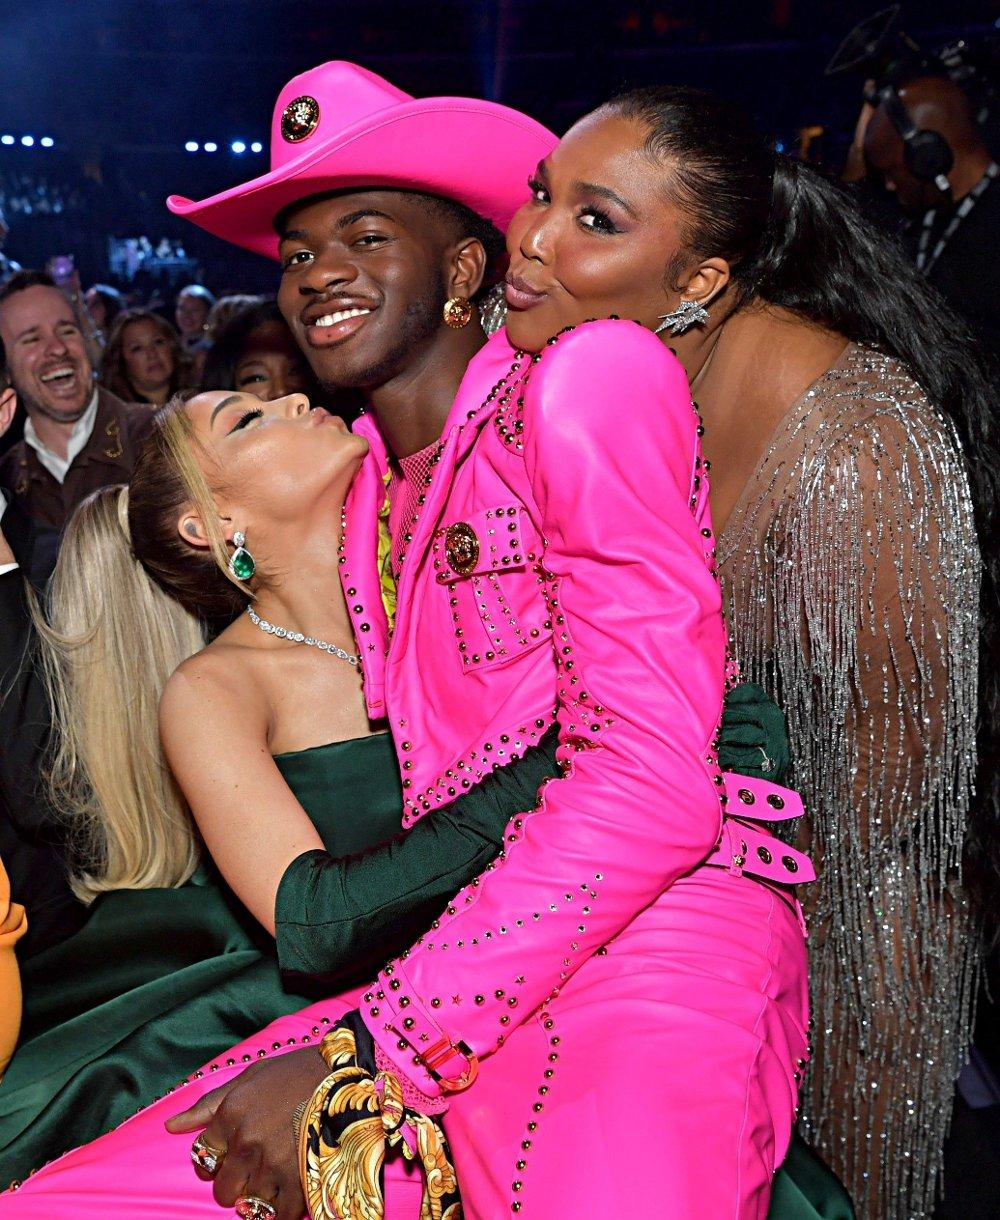 Klikk på bildet for å forstørre. Ariana Grande, Lil Nas X og Lizzo